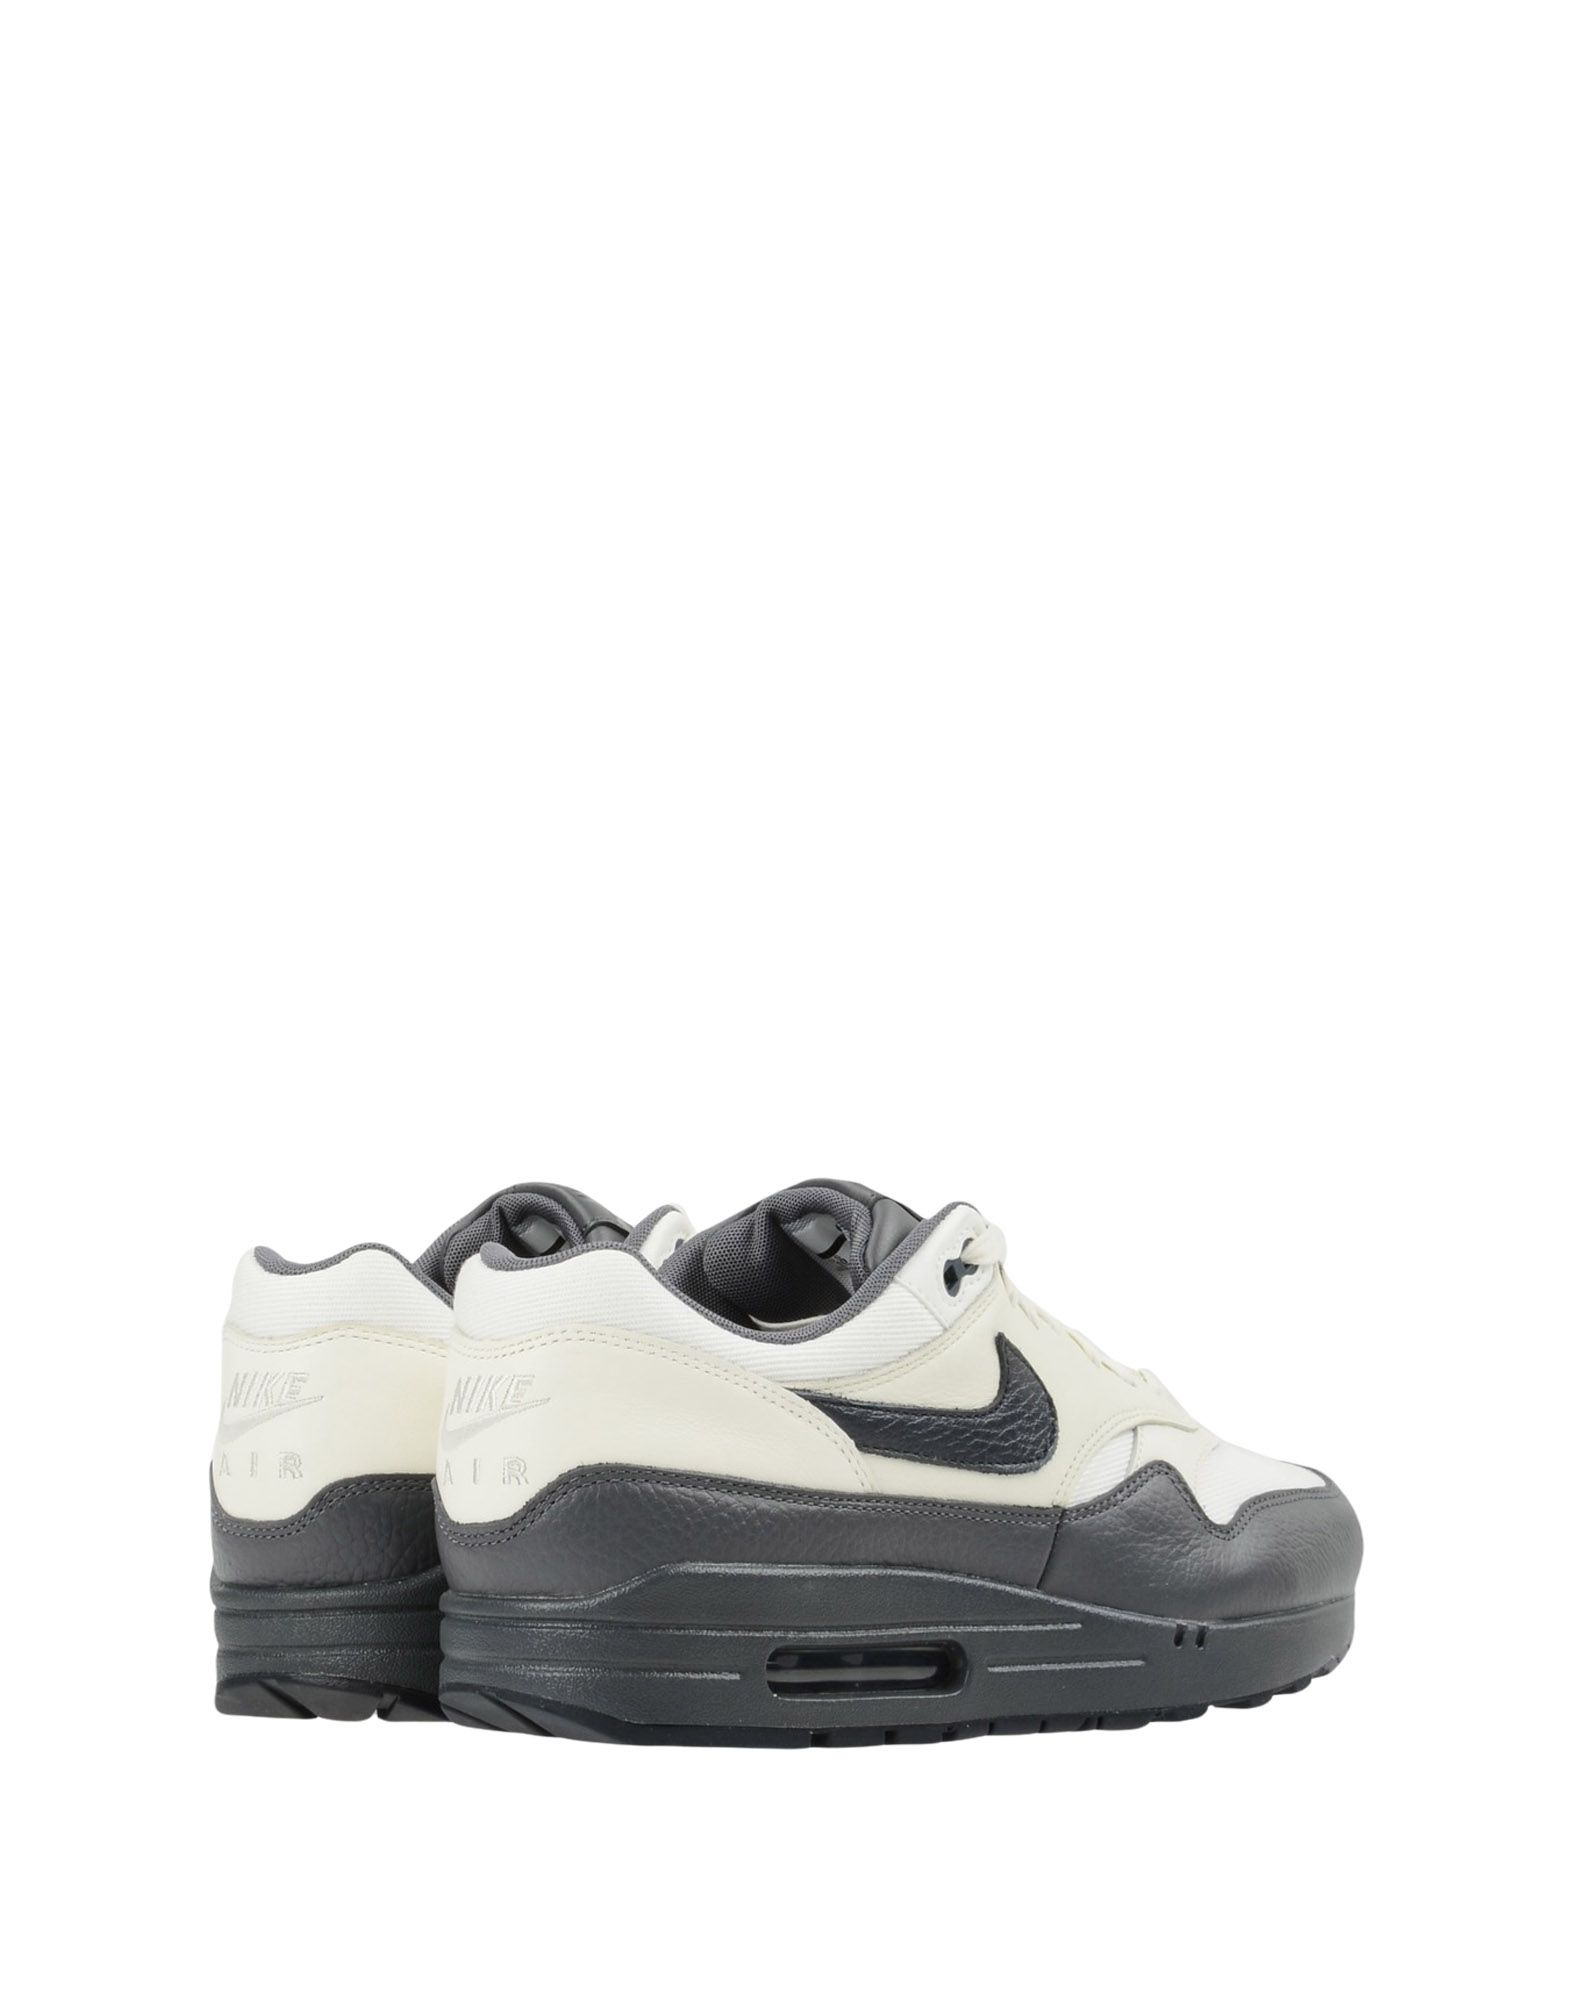 Sneakers Nike  Air Max 1 Premium - Uomo - 11326251EL